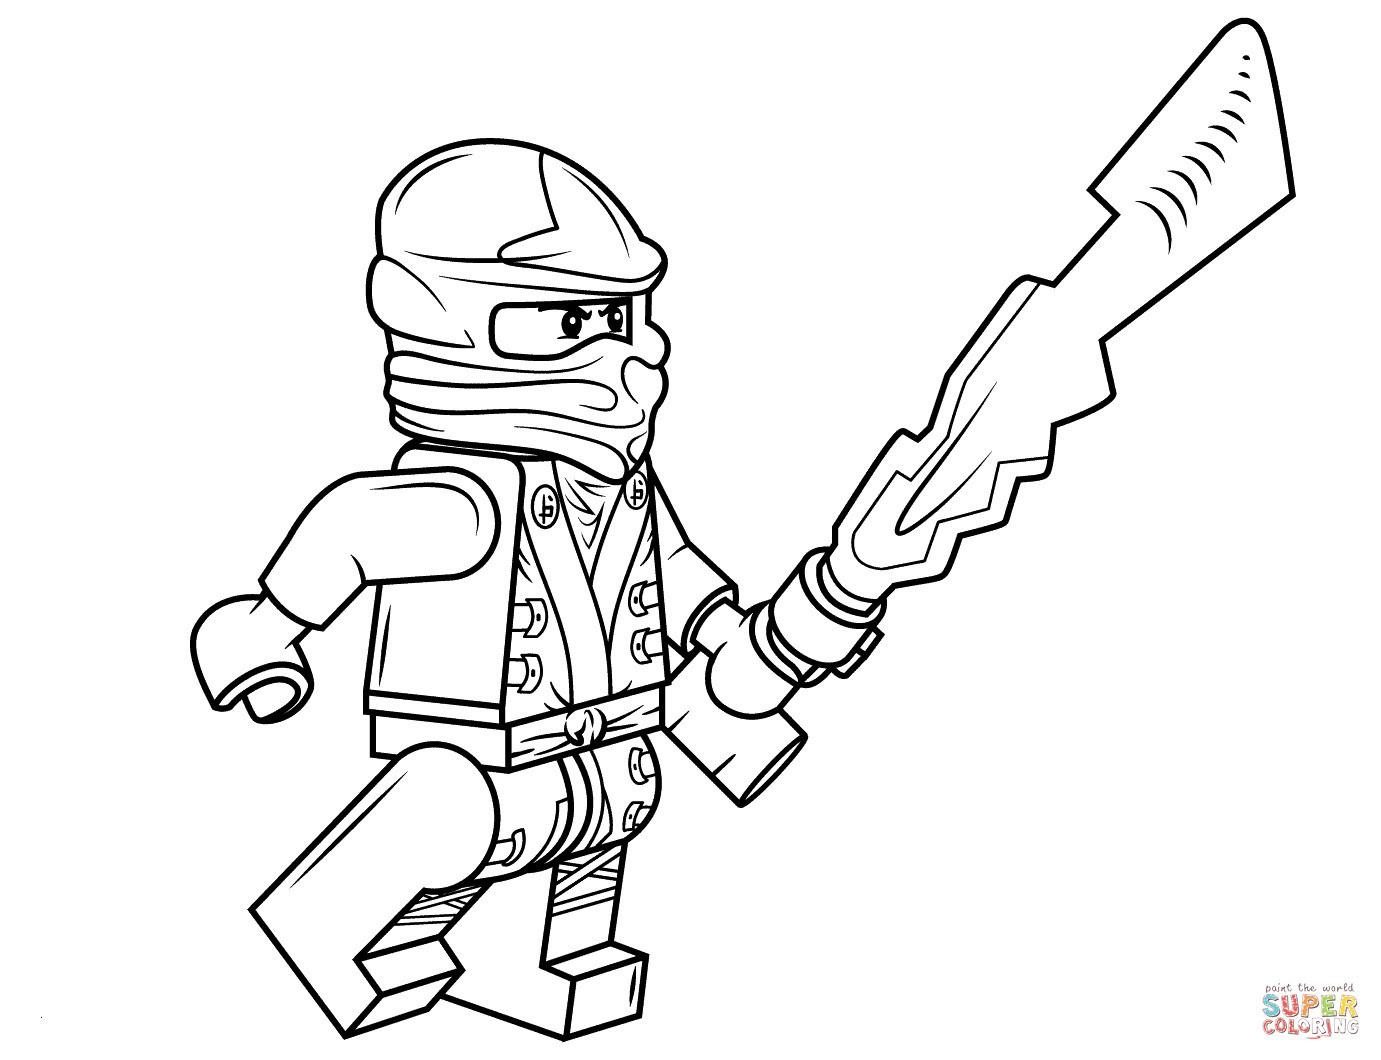 Ninjago Pythor Ausmalbilder Genial 40 Ninjago Ausmalbilder Nya forstergallery Bilder